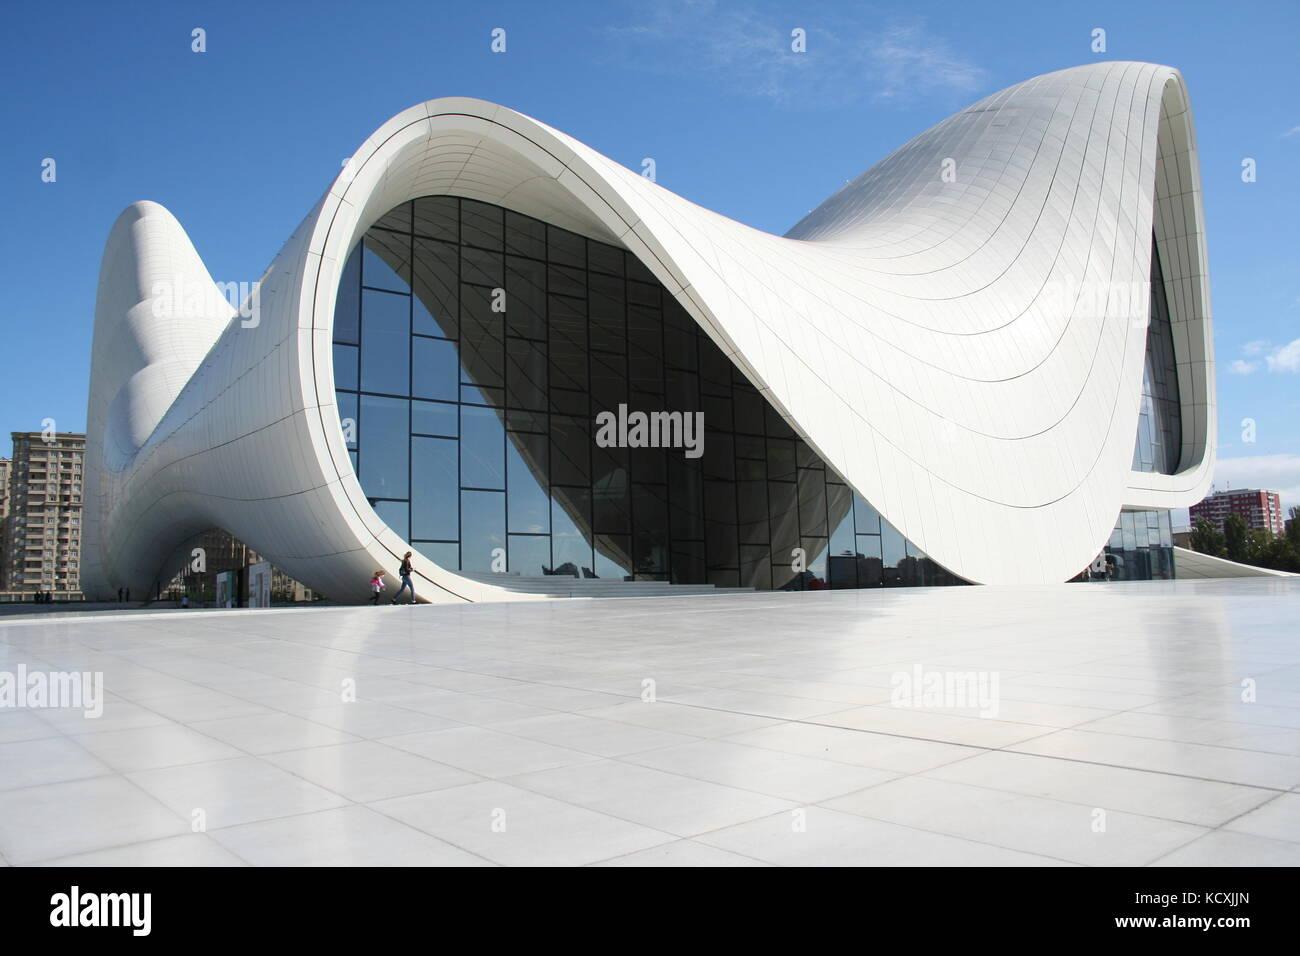 The Heydar Aliyev Center Baku, Azerbaijan - Stock Image